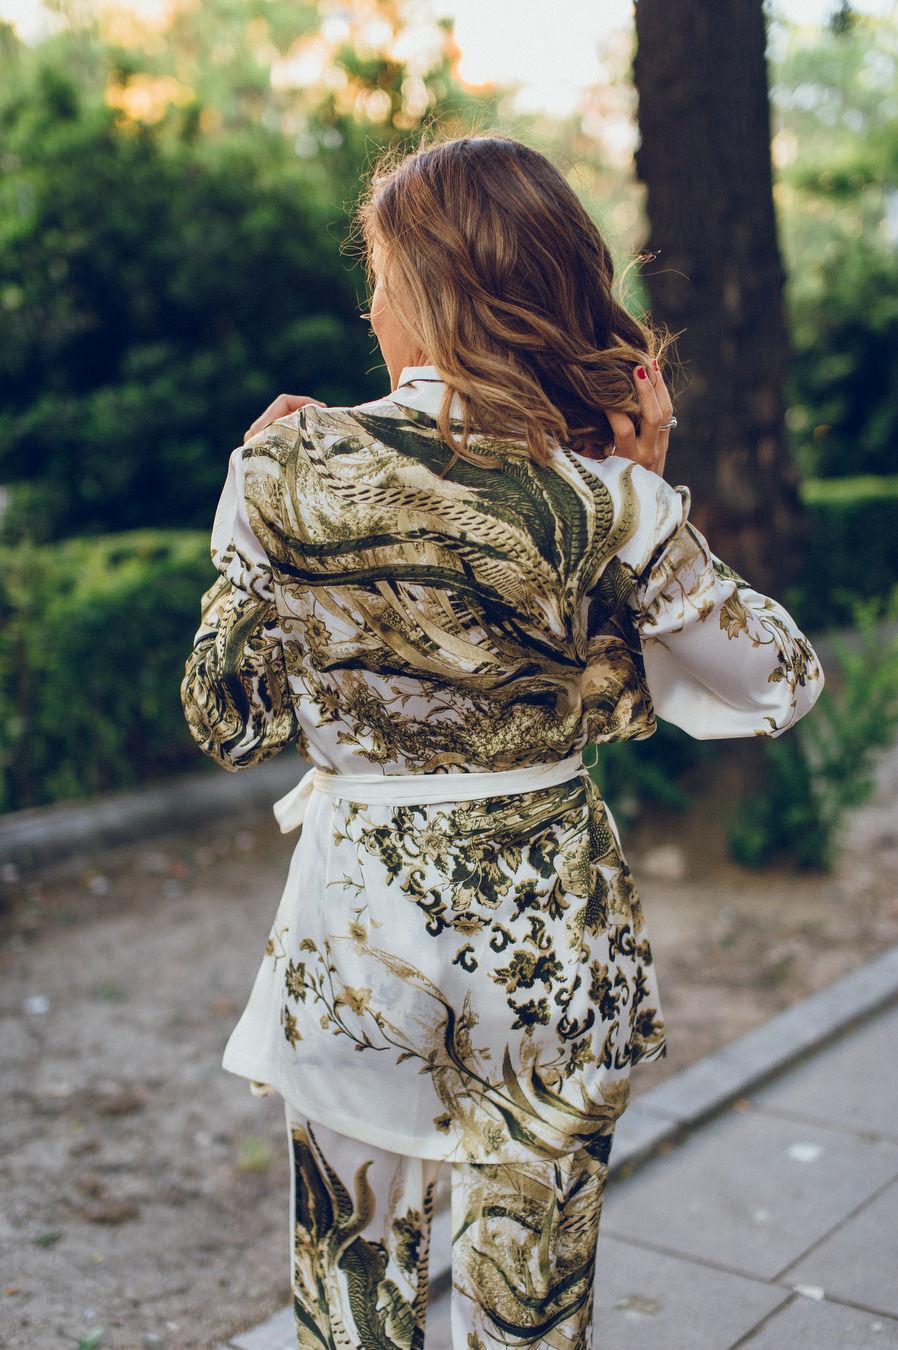 calista-one-lista-de-bodas-online-blog-de-bodas-bossanova-looks-invitadas-adriana-kimono-5